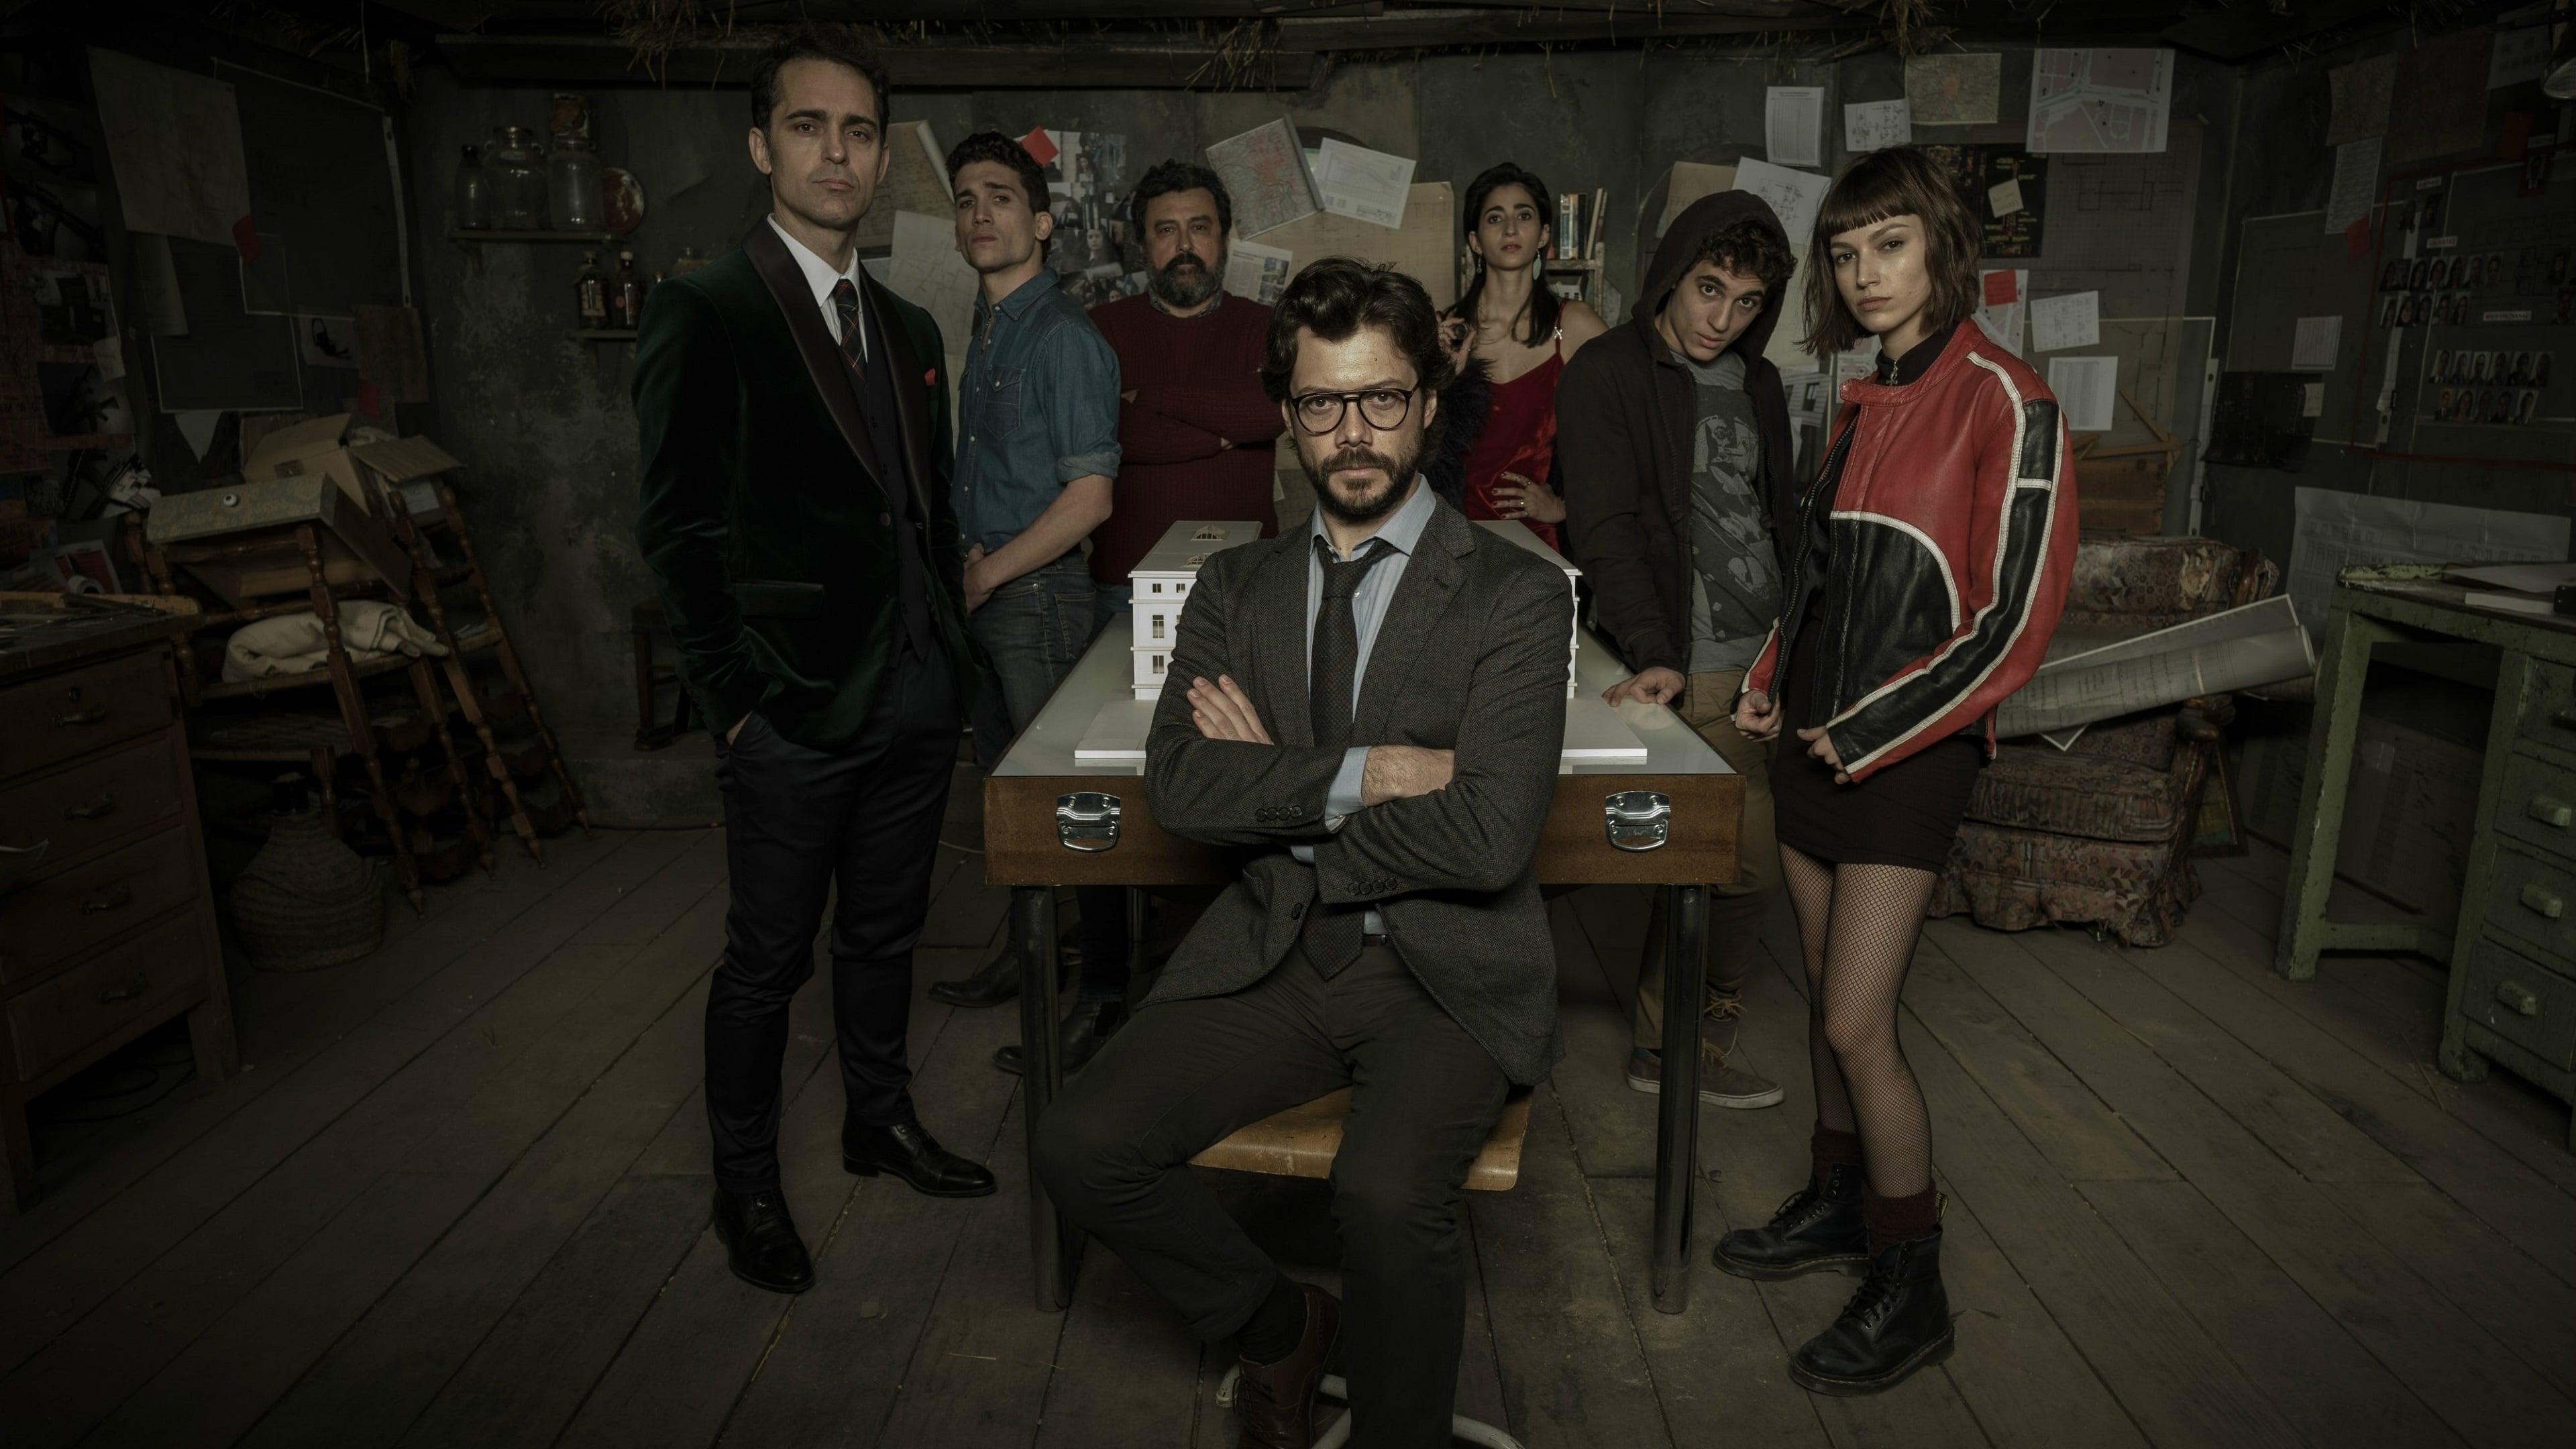 La Casa Di Carta Cb01 Serie Streaming Cb01